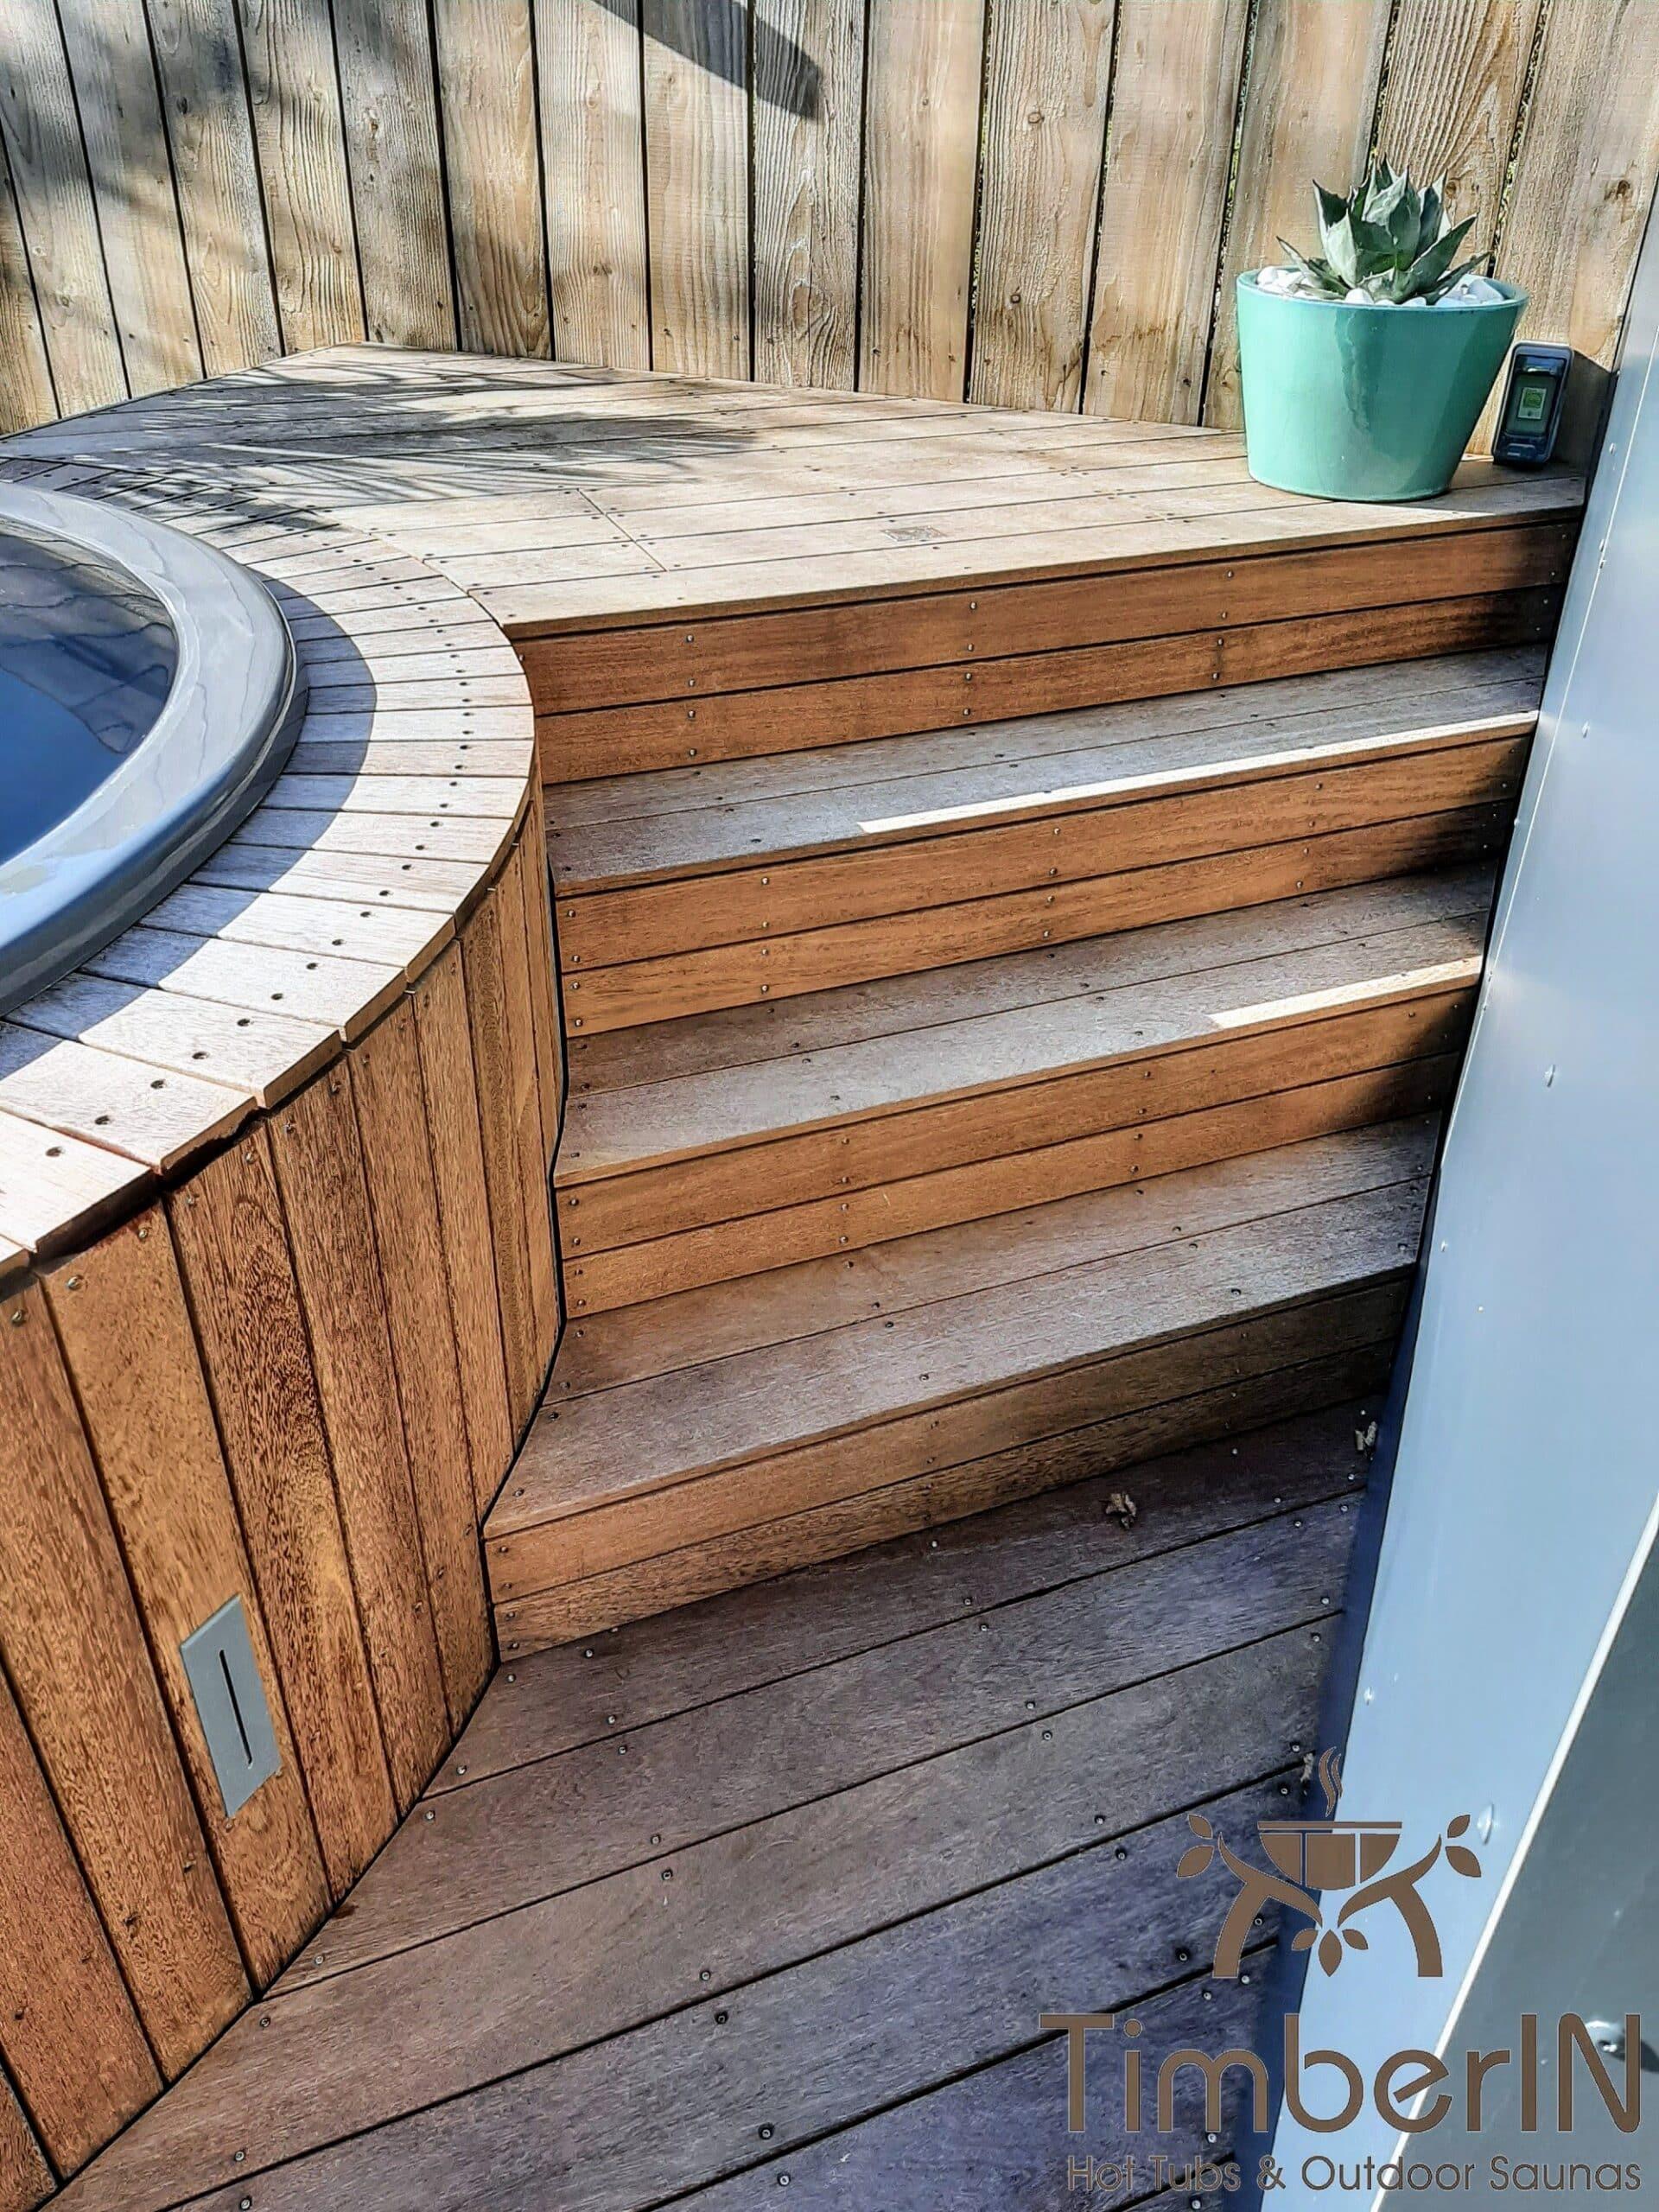 Badezuber Badefass Einbaumodell Einsatz Eingraben Eingelassen 3 scaled